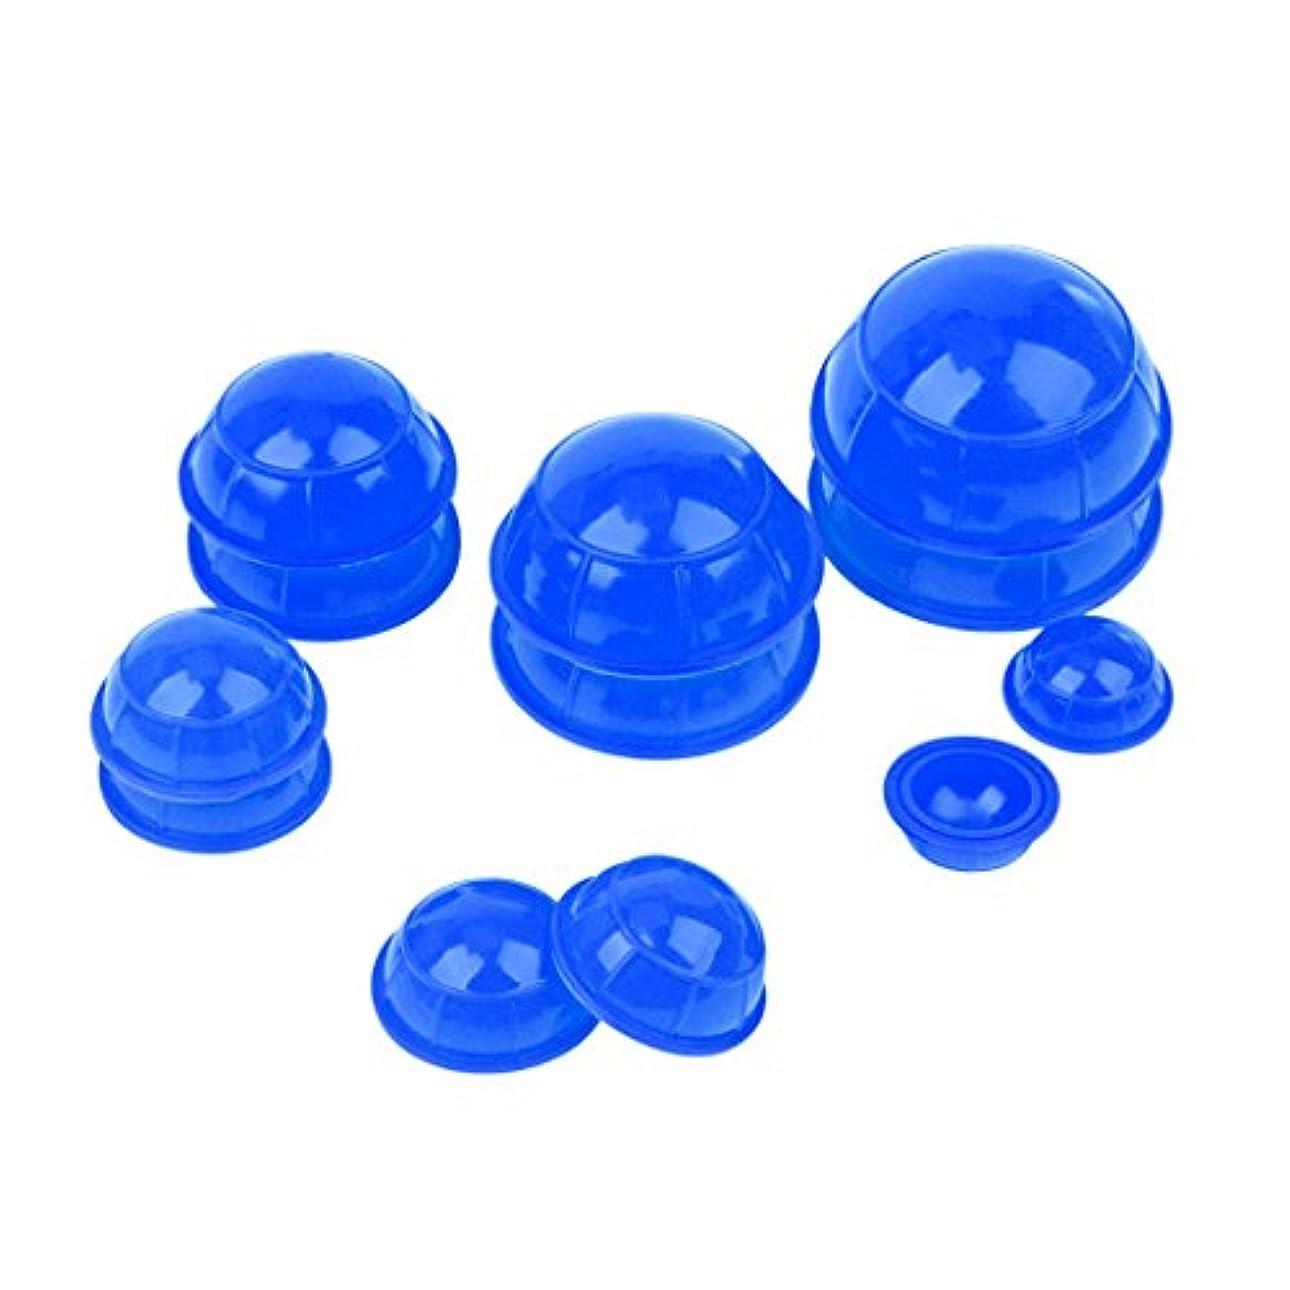 特定の望ましいウール(inkint)マッサージ吸い玉 カッピングカップ 12個セット ネック 顔全身マッサージ (ブルー)